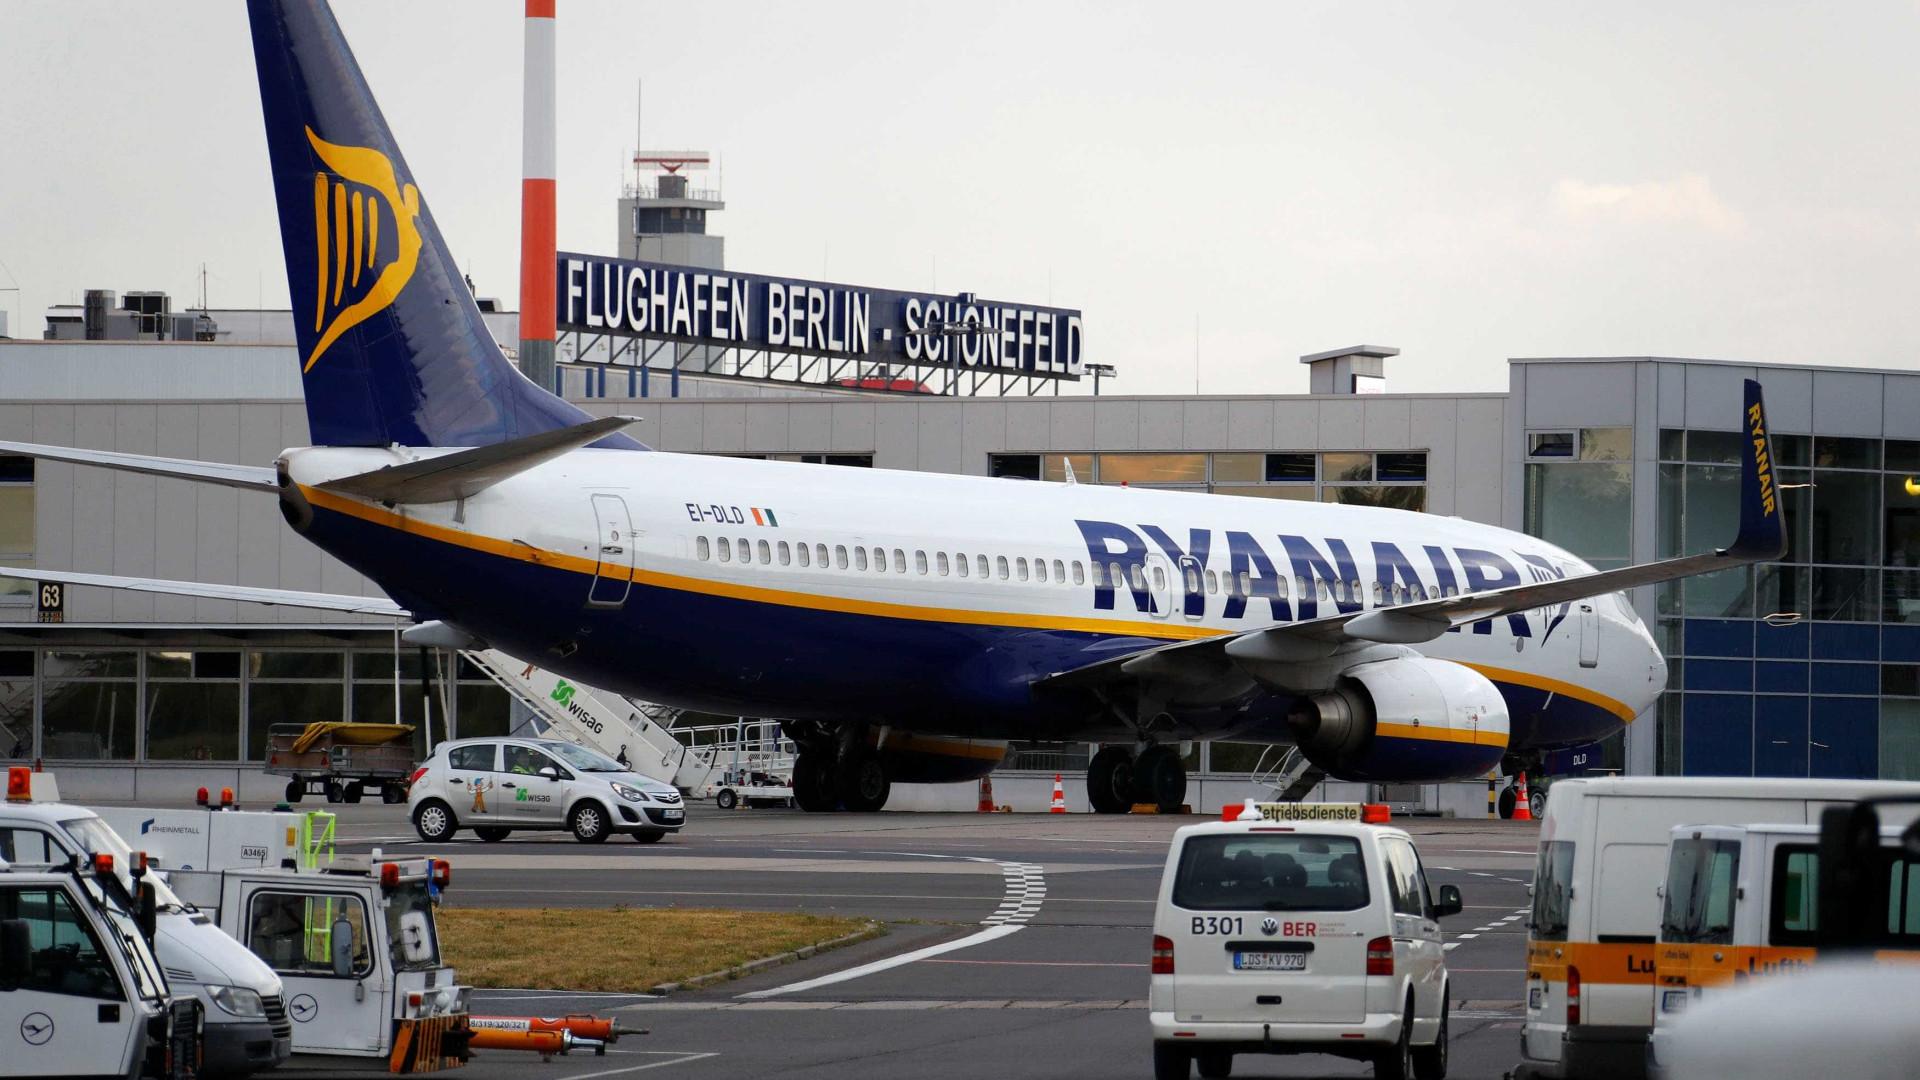 Greve da Ryanair cancela centenas de voos em 5 países europeus